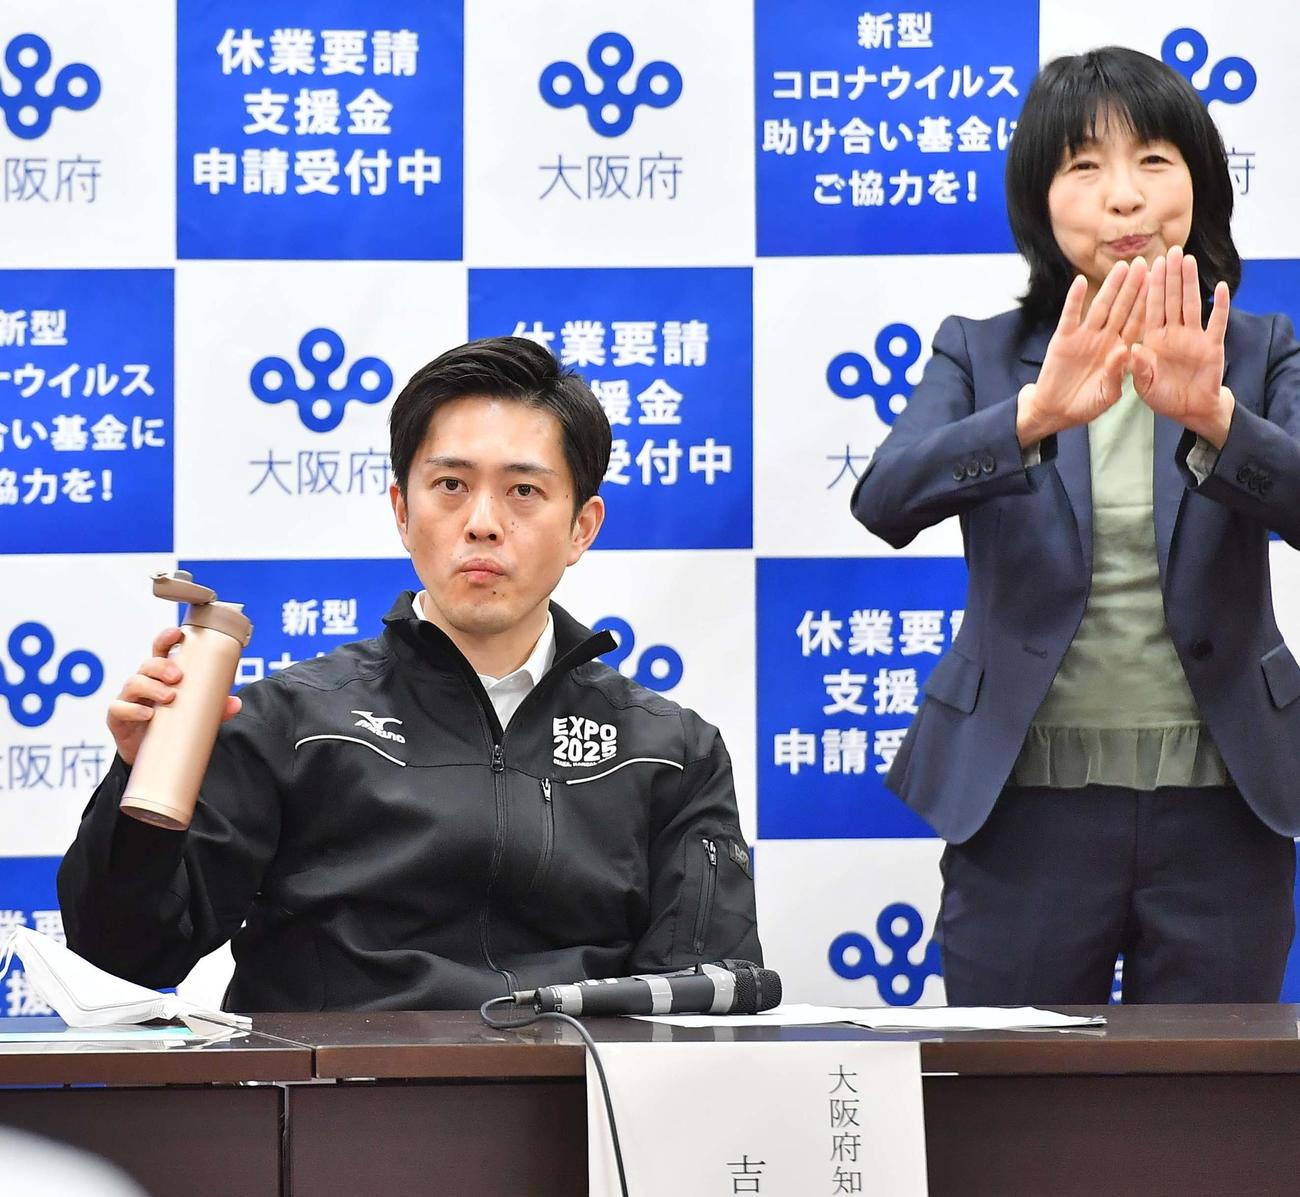 会見を開く大阪府・吉村洋文知事(2020年5月21日撮影)